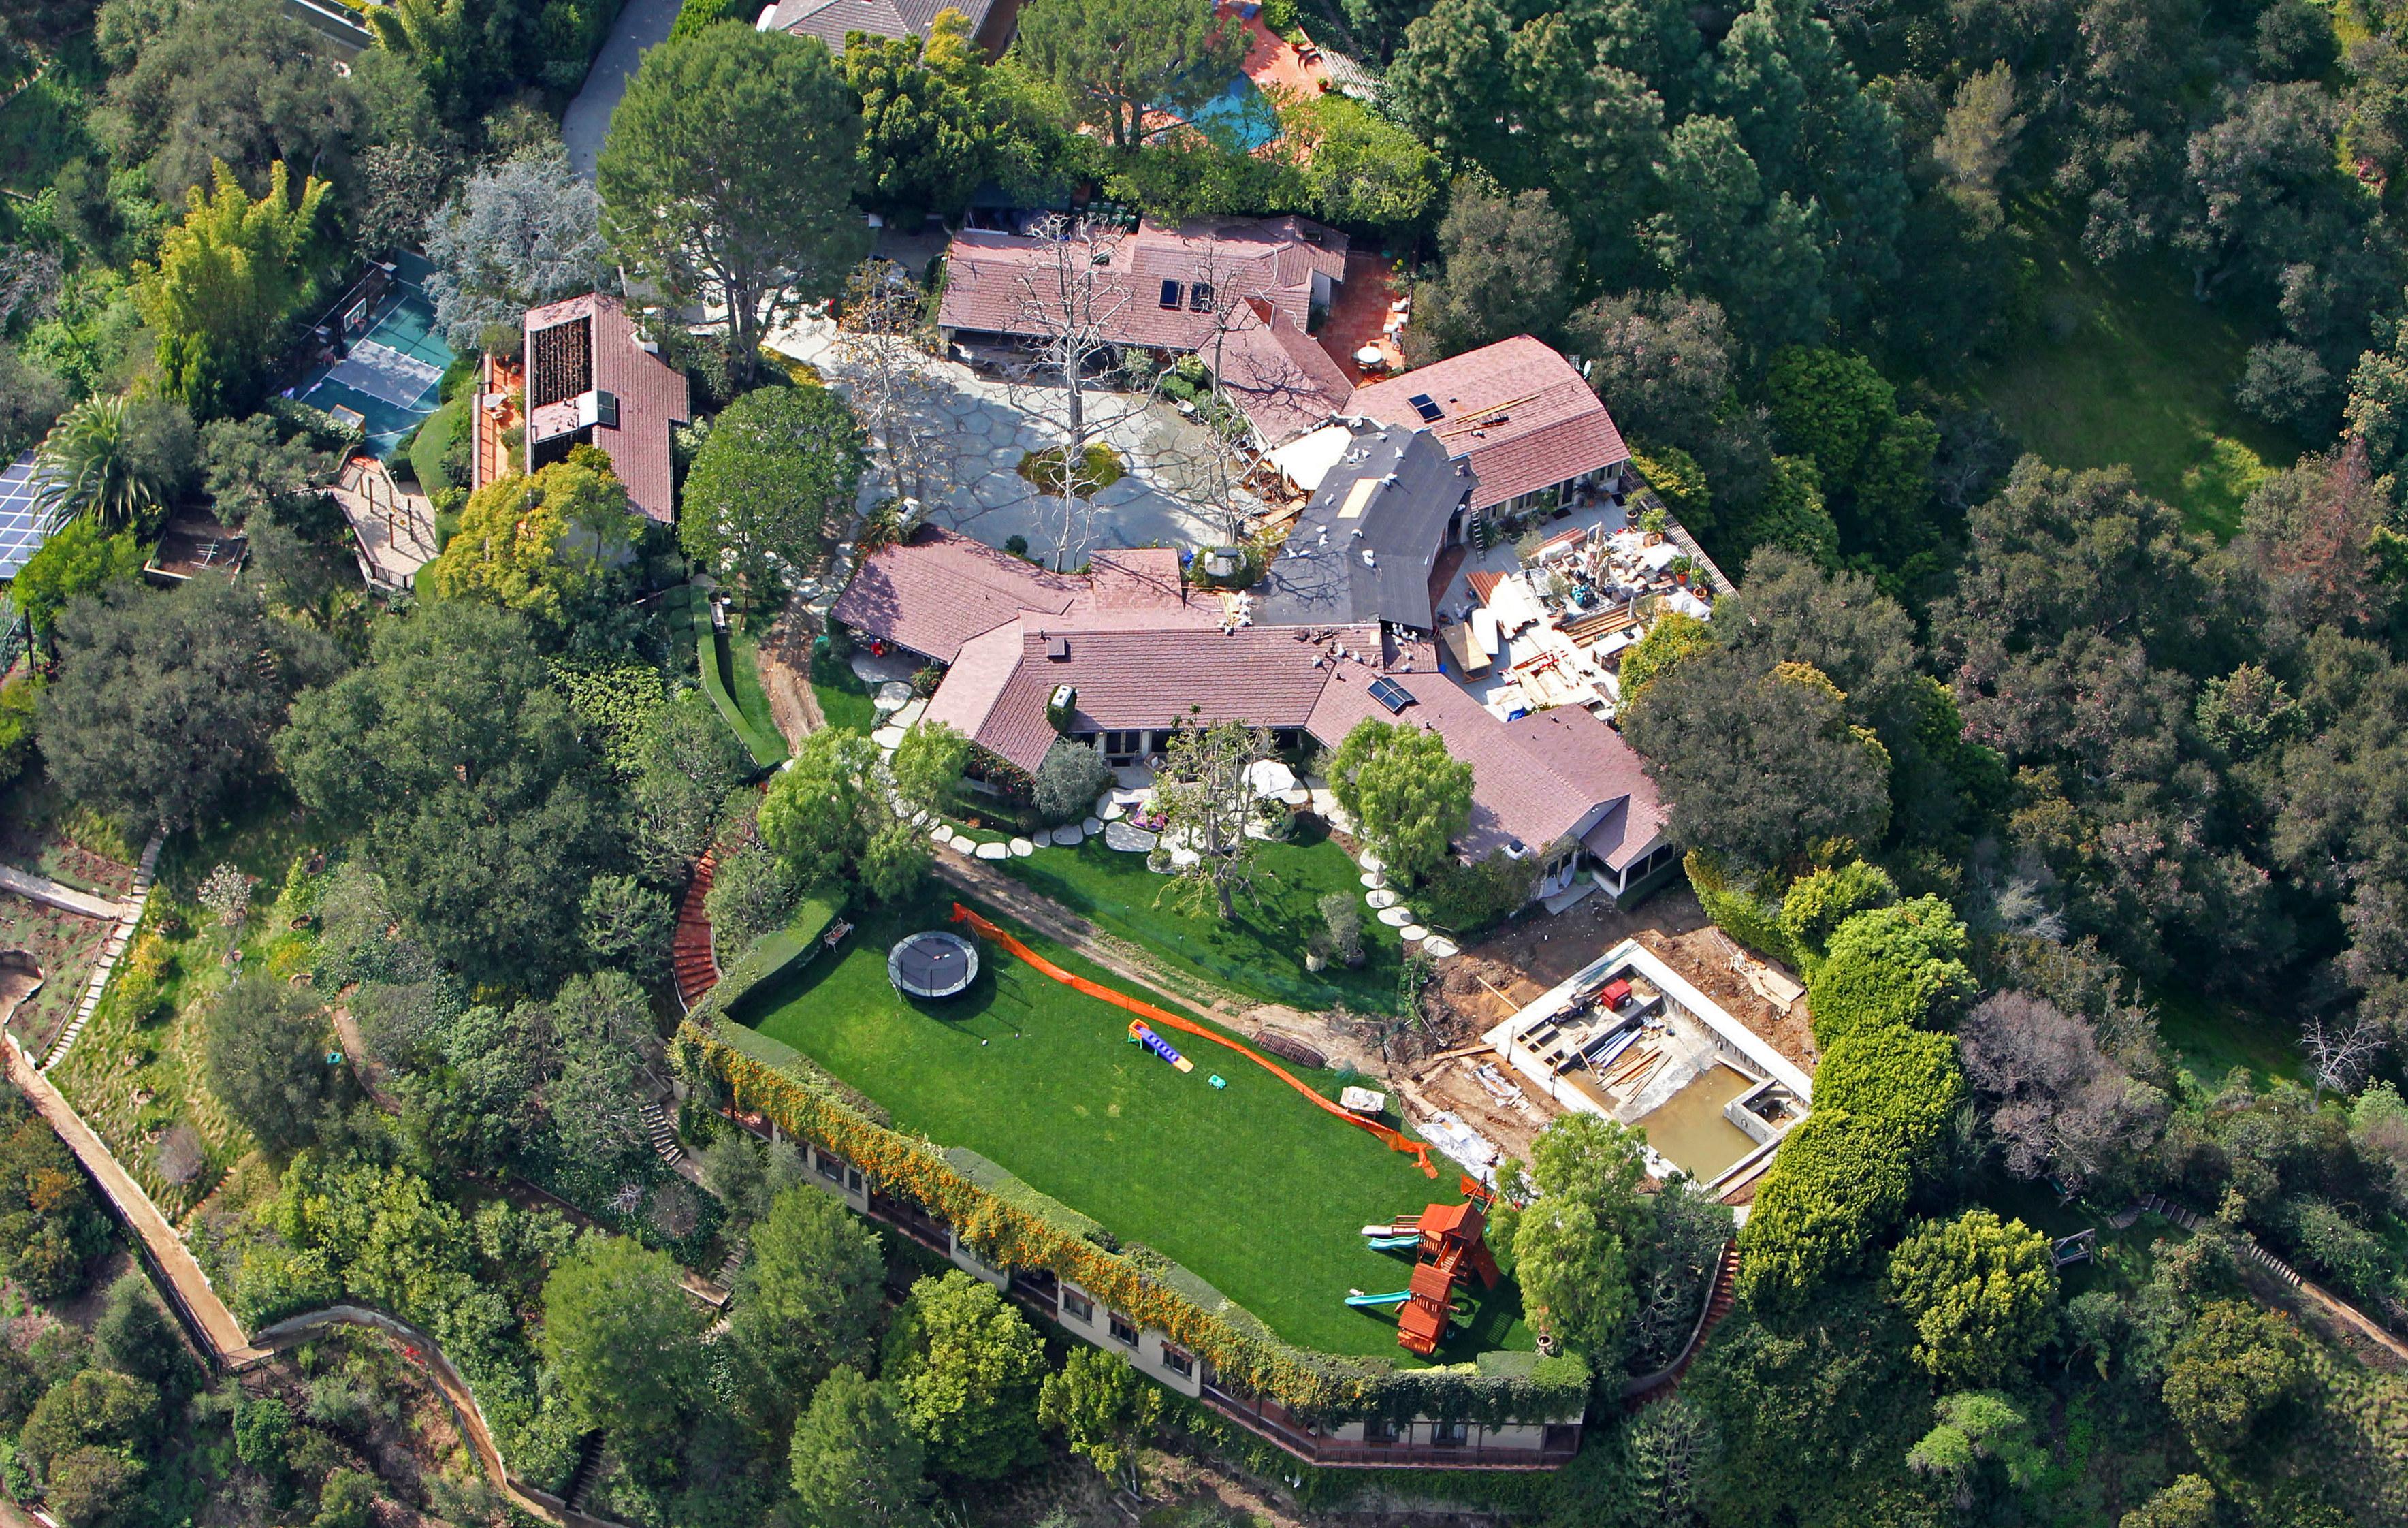 For $45 Million You Can Buy Ben Affleck and Jennifer Garner's Heartbreak Ranch